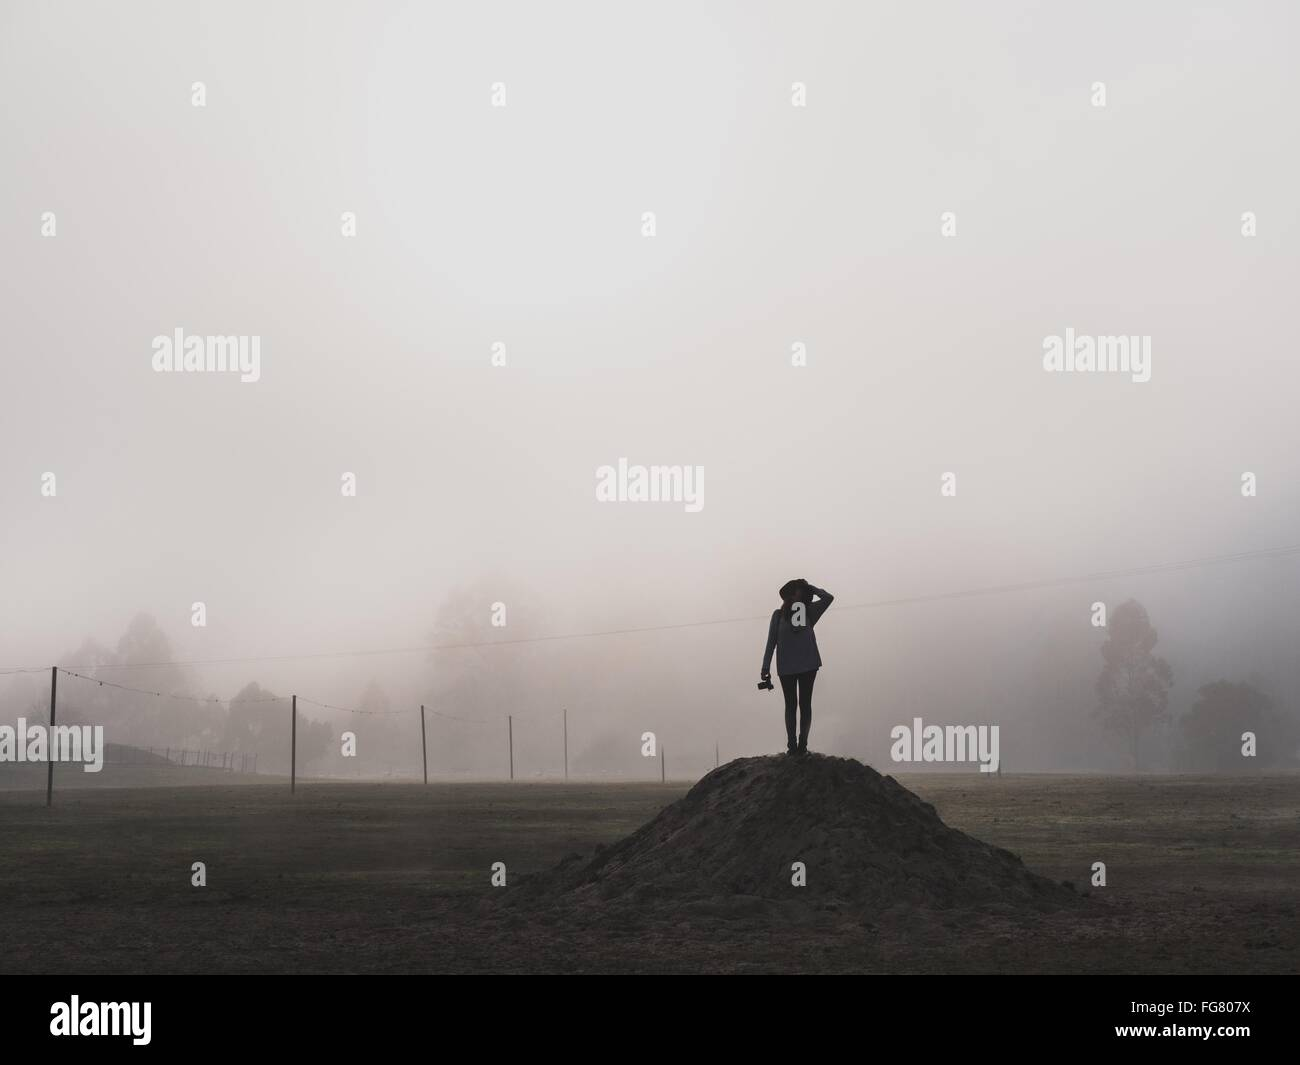 Silueta Mujer de pie sobre el montón en la Niebla Imagen De Stock